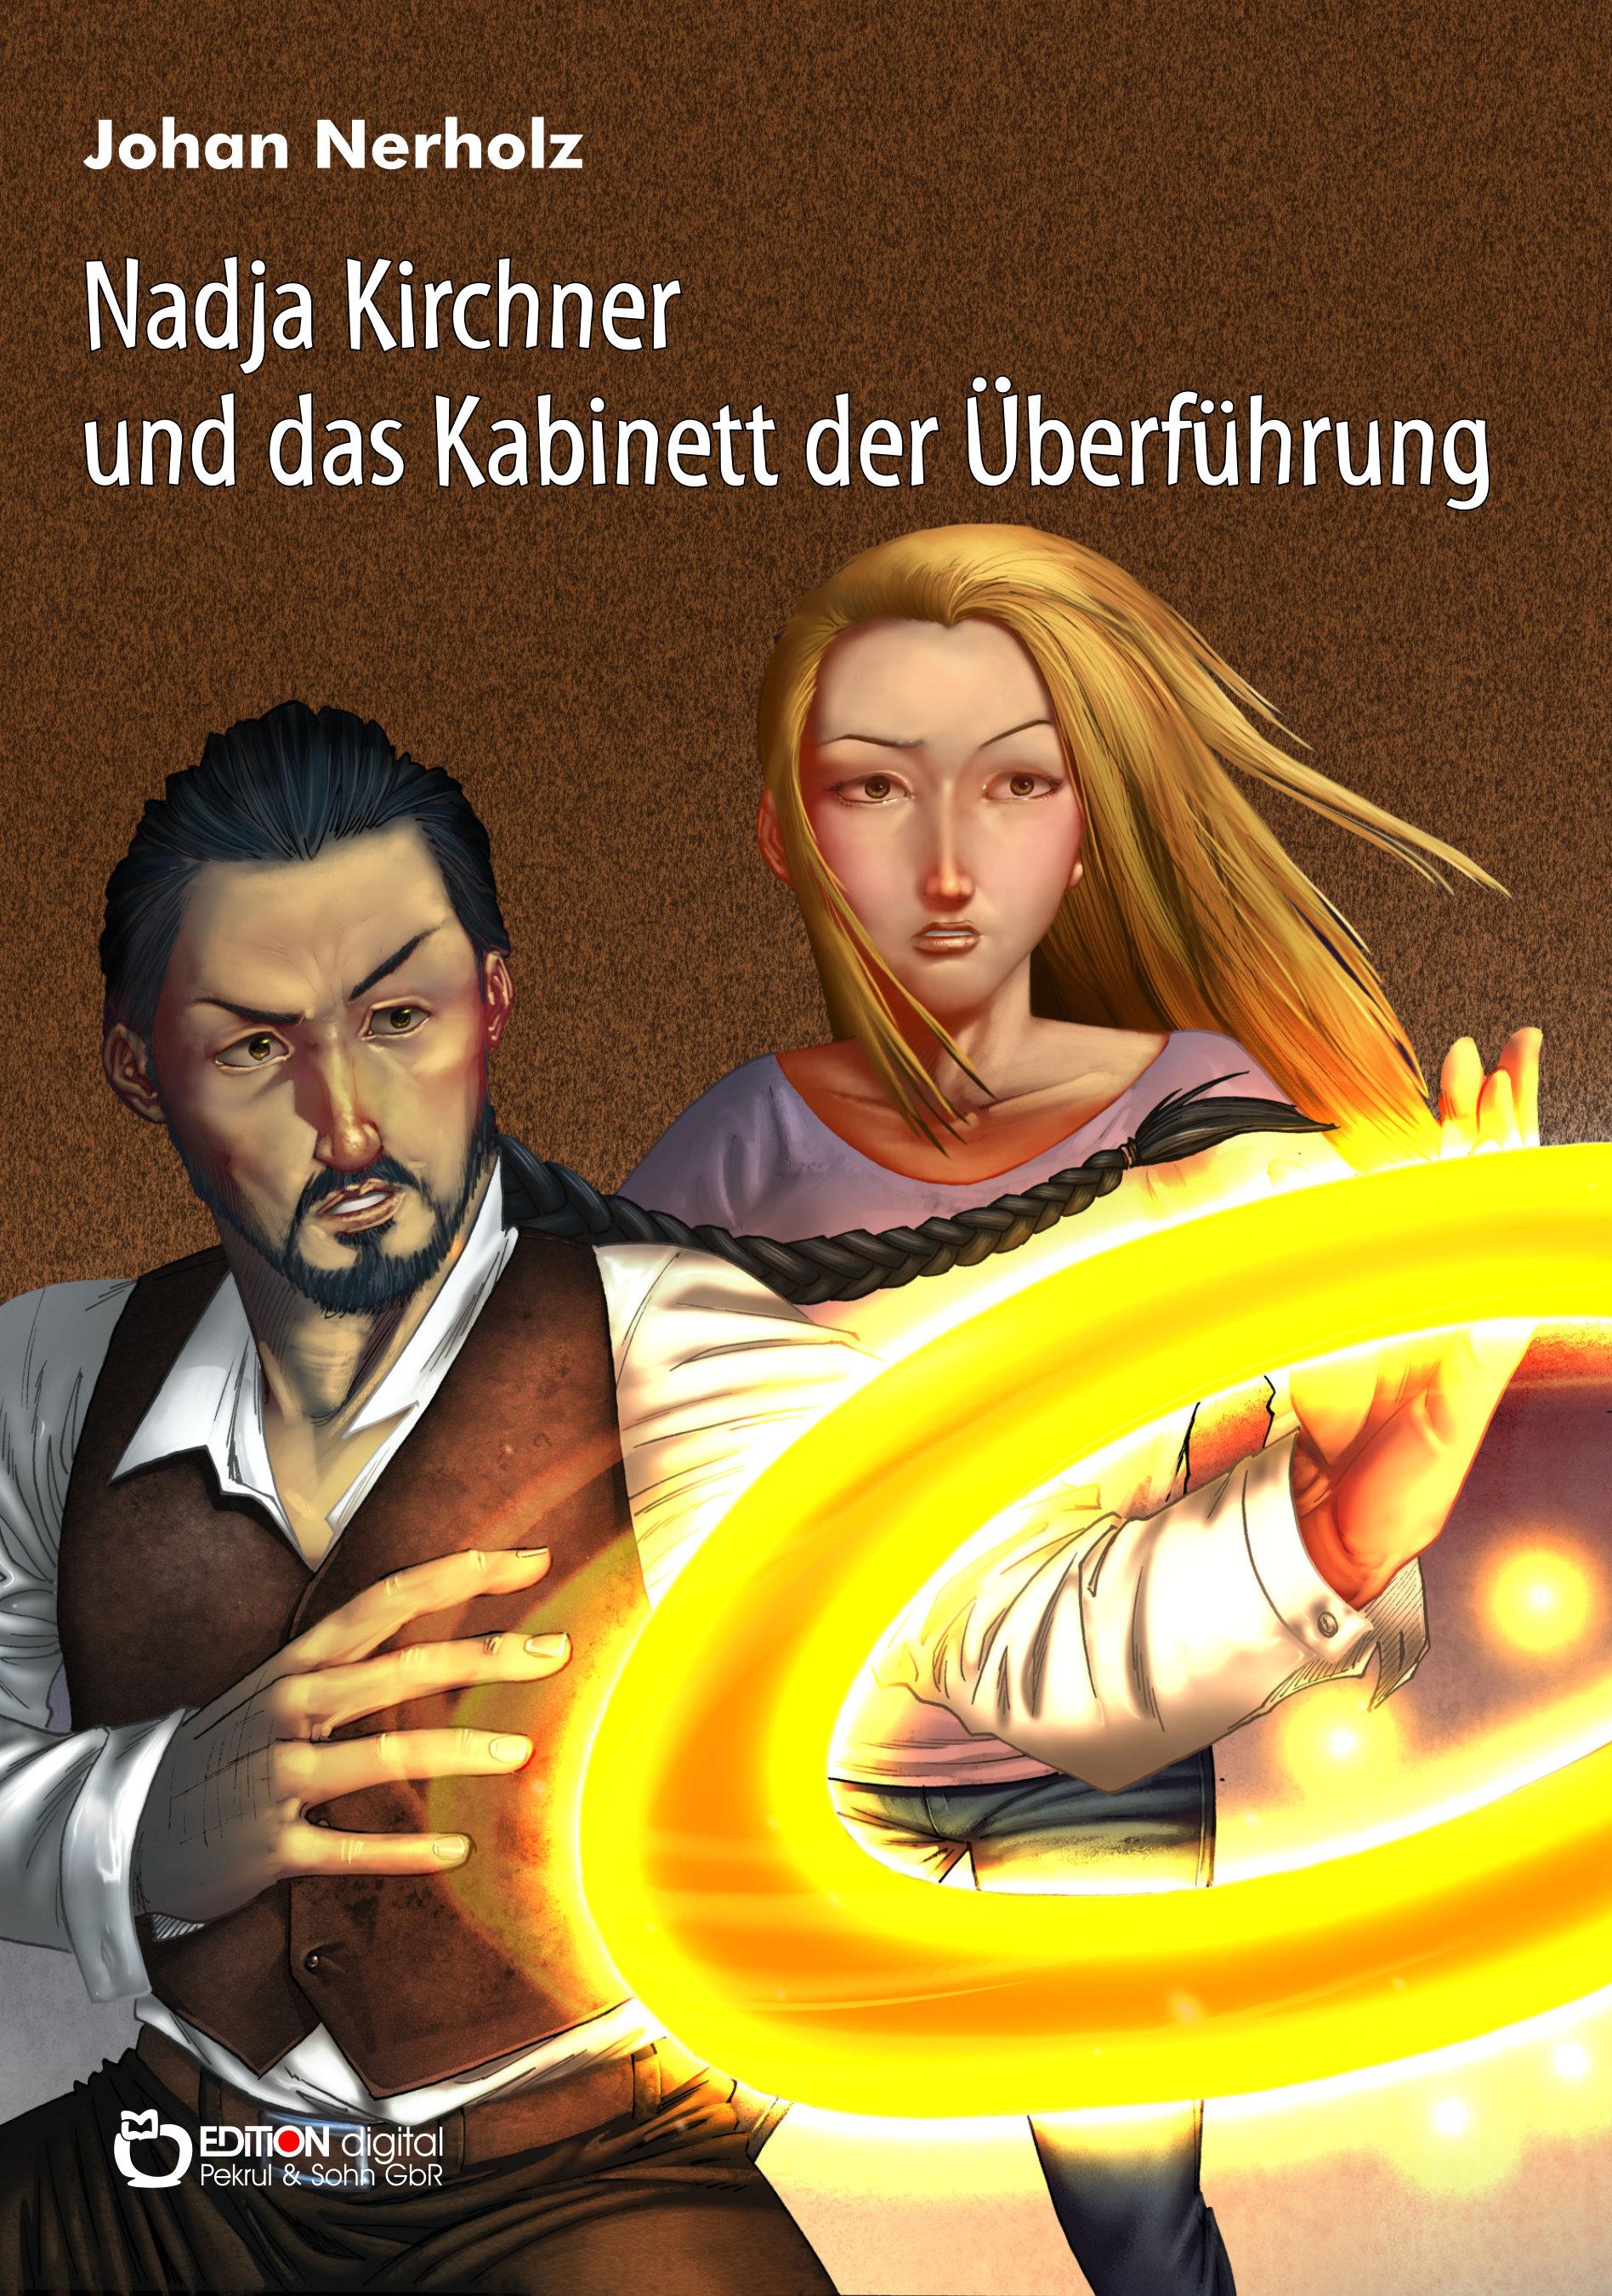 Nadja Kirchner und das Kabinett der Überführung. Teil 3 der Nadja-Kirchner-Fantasy-Reihe von Johan Nerholz